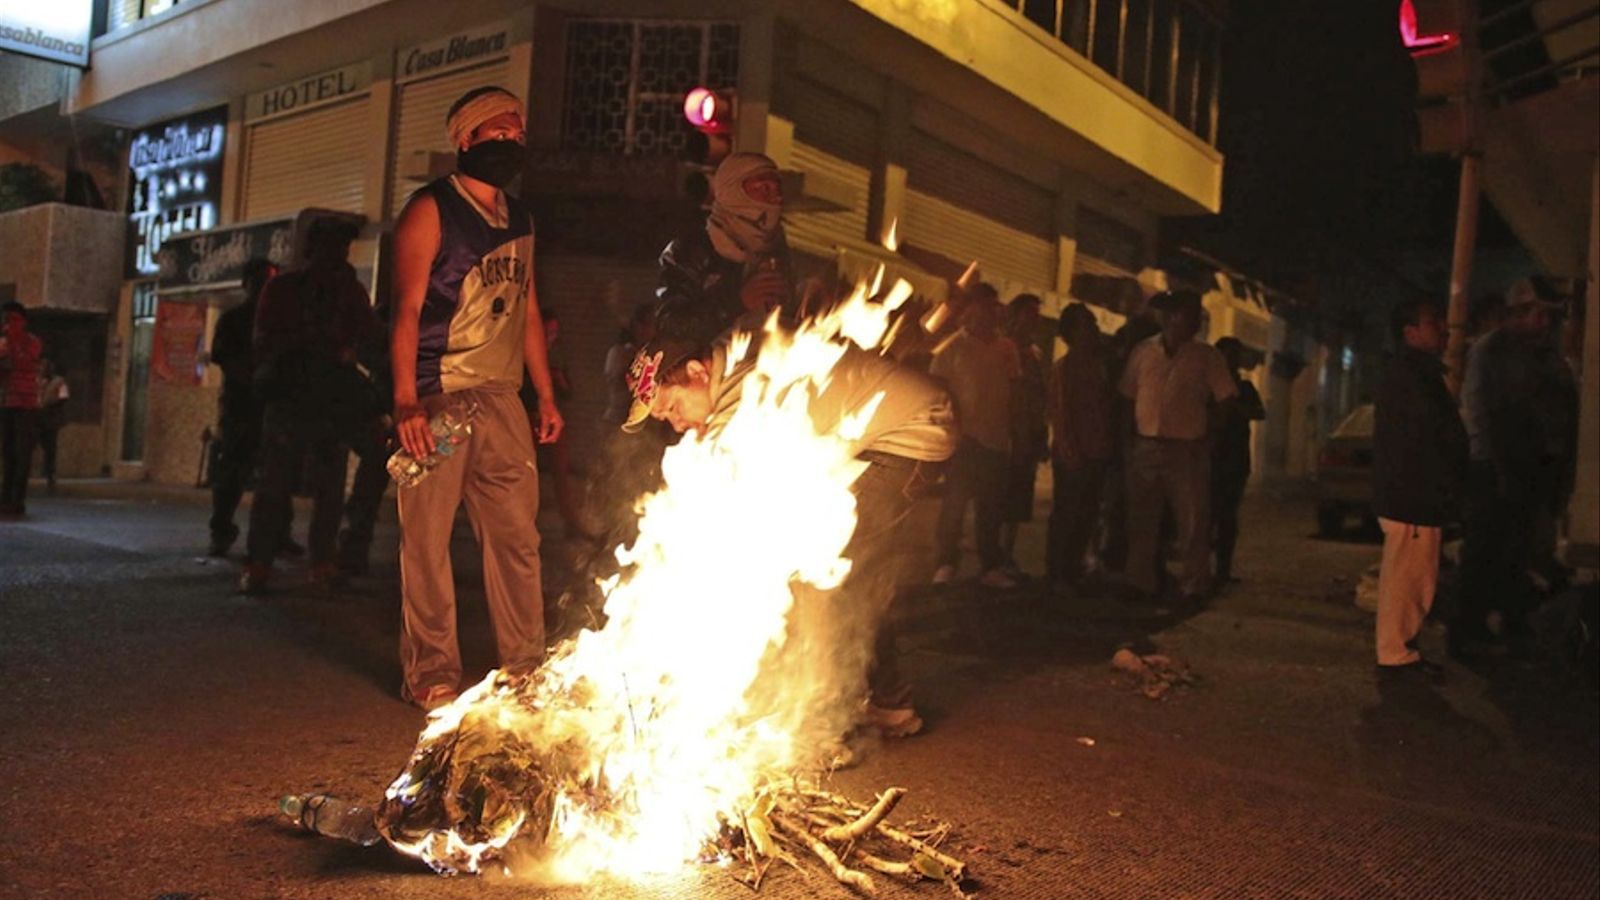 Barricades a Chilpancingo en protesta per l'enfrontament entre policies federals i mestres. EFE